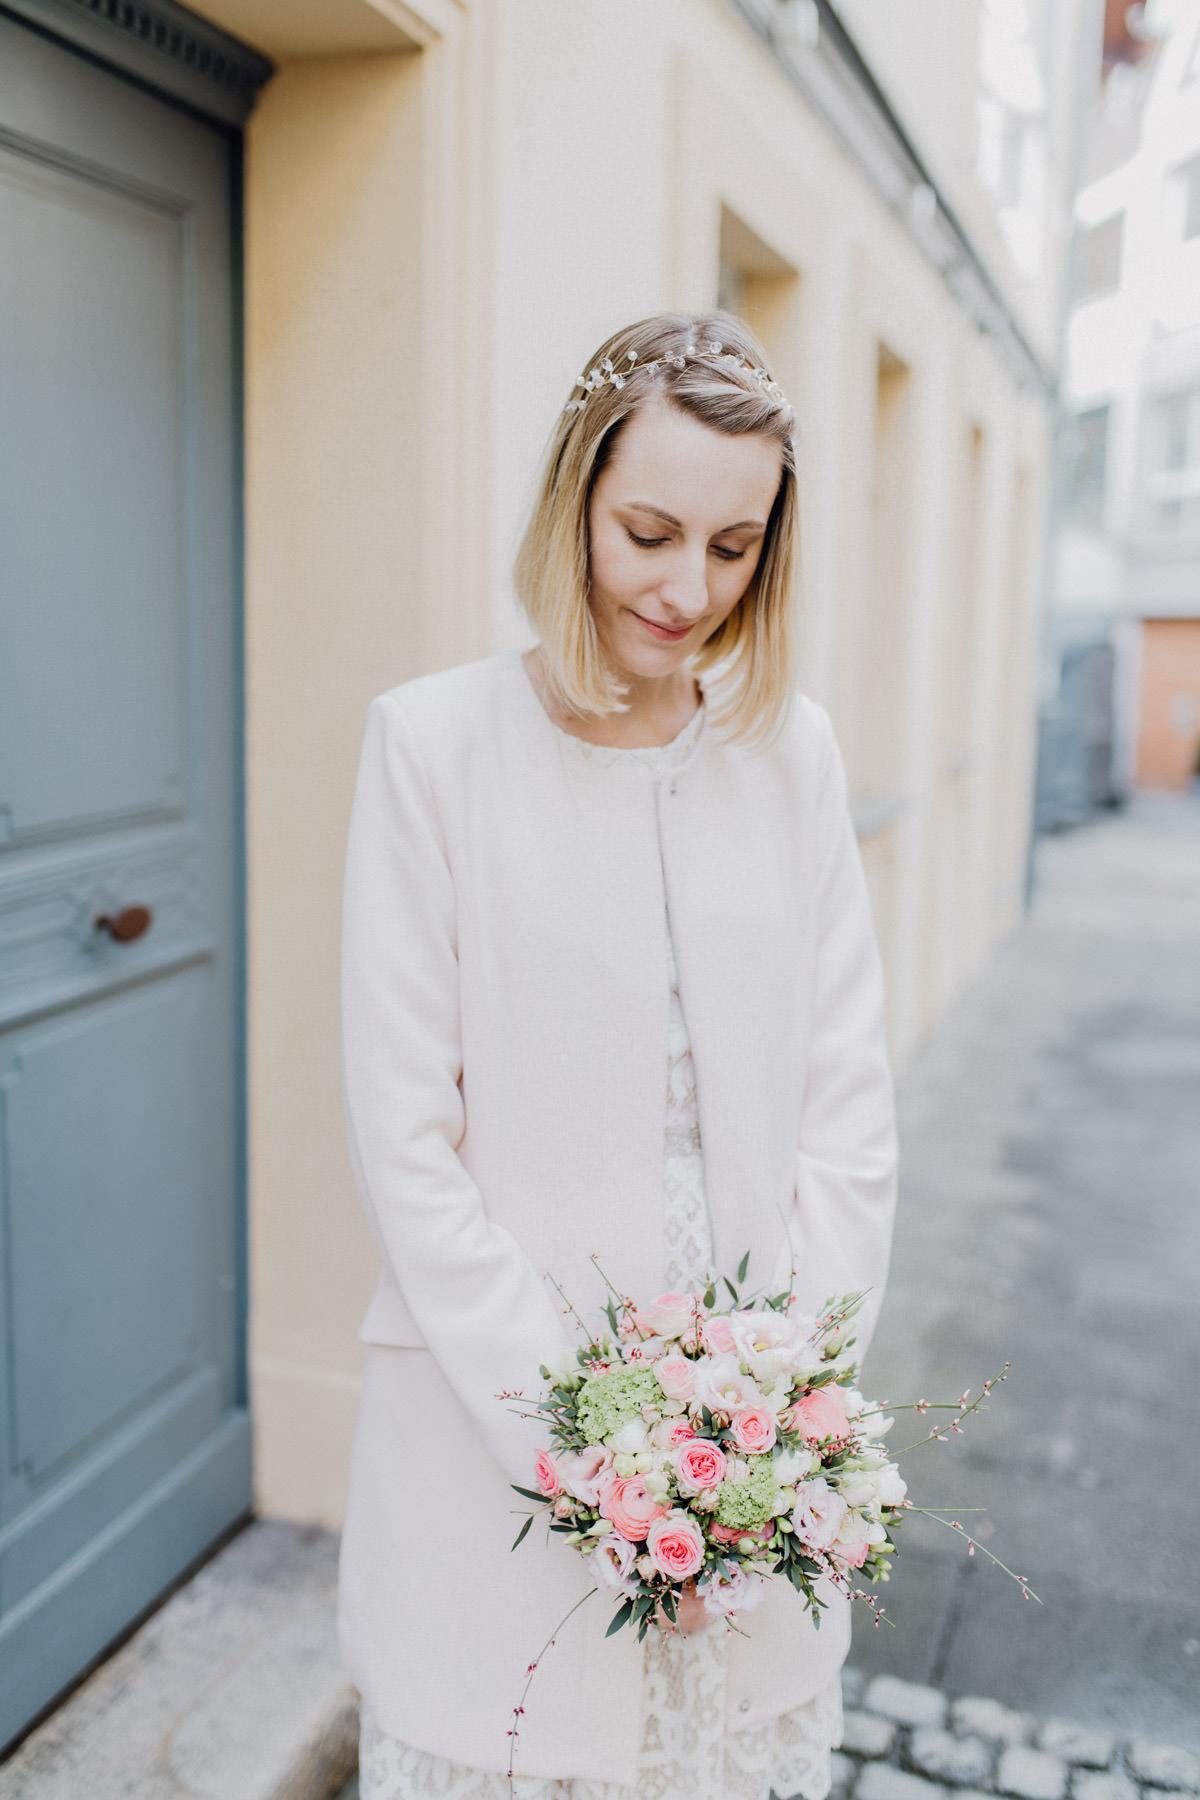 Profesionnelle Fotografie einer Braut